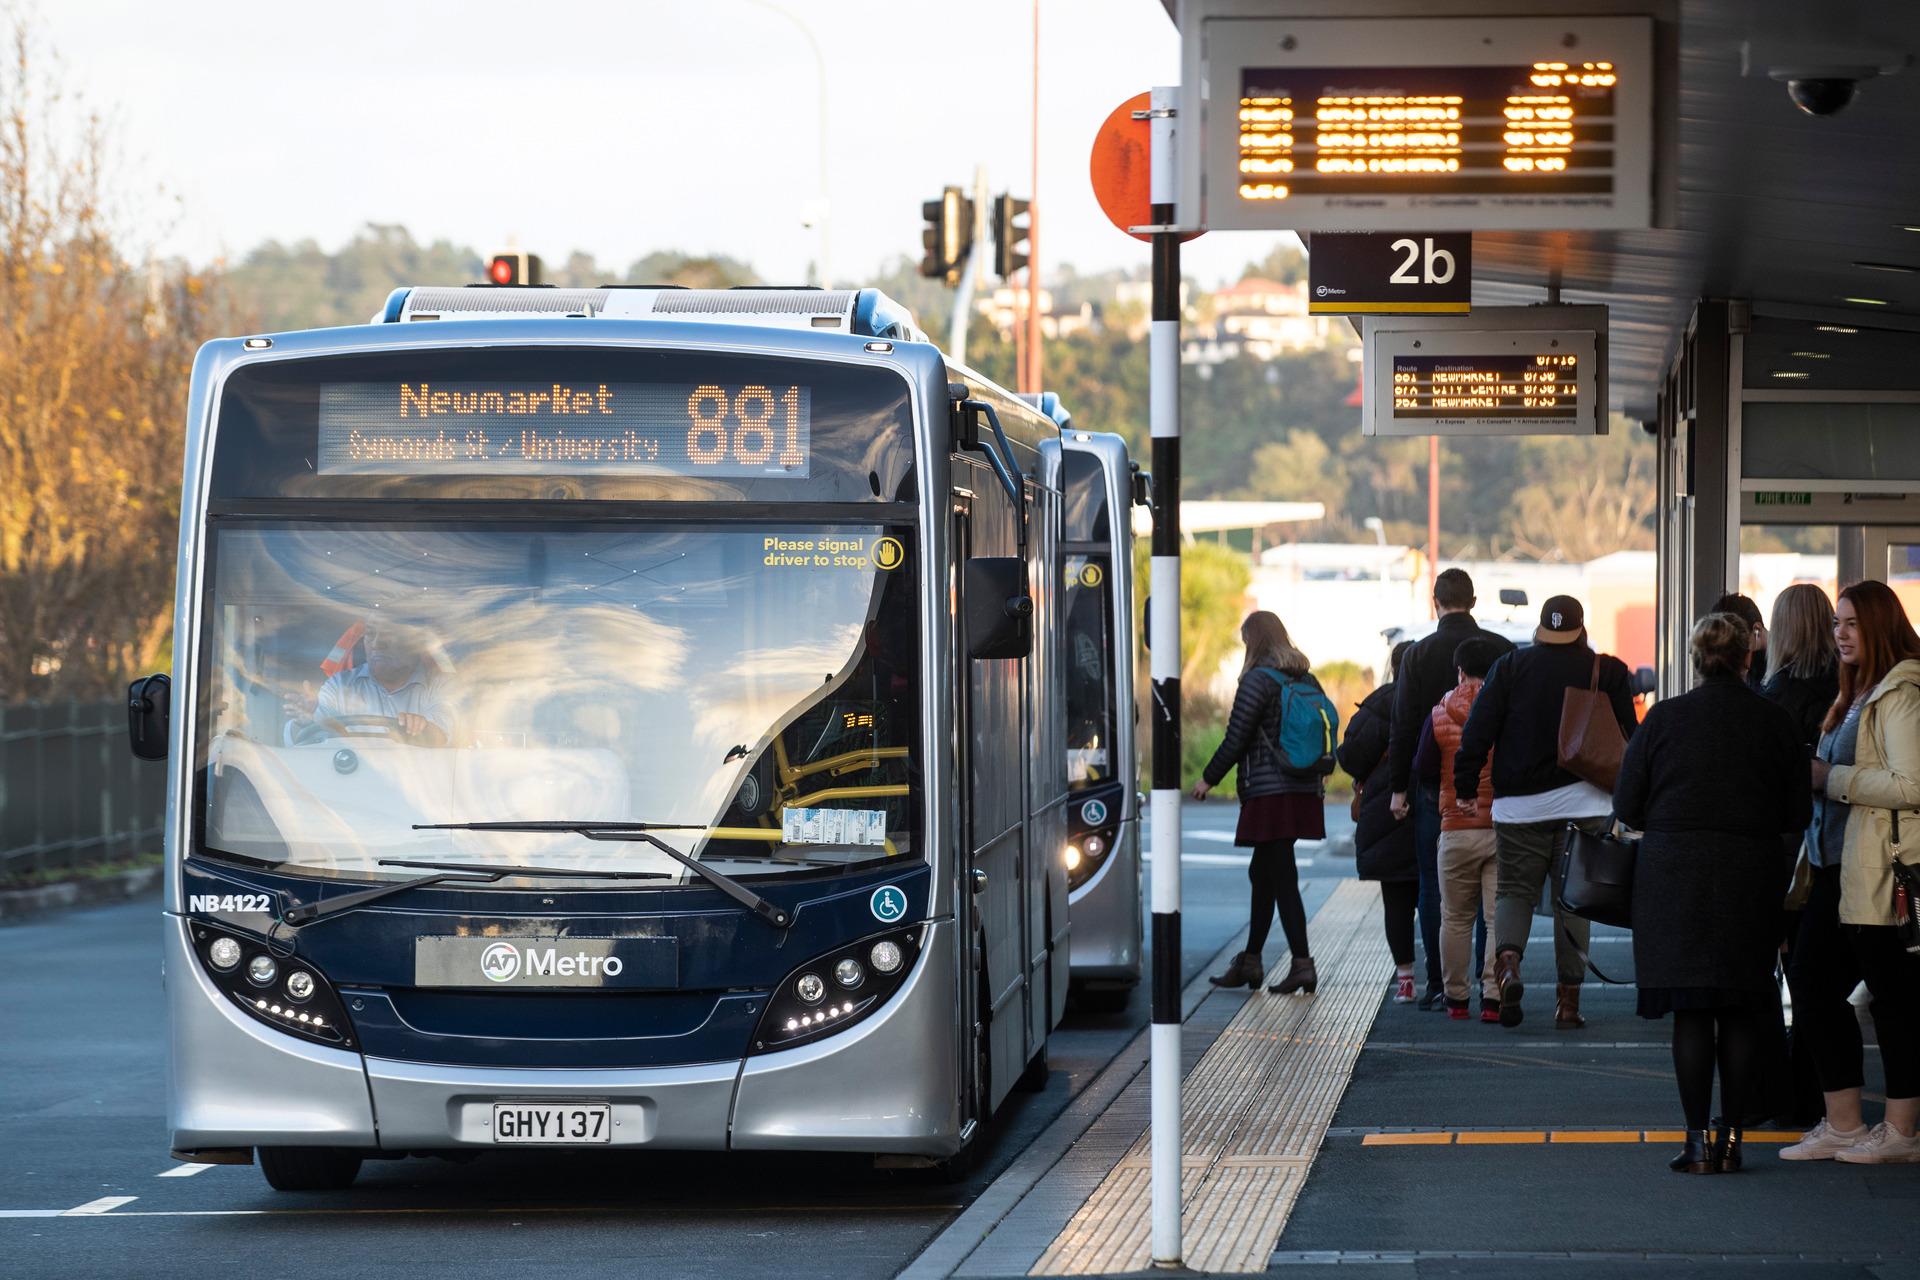 Картинки по запросу auckland public bus